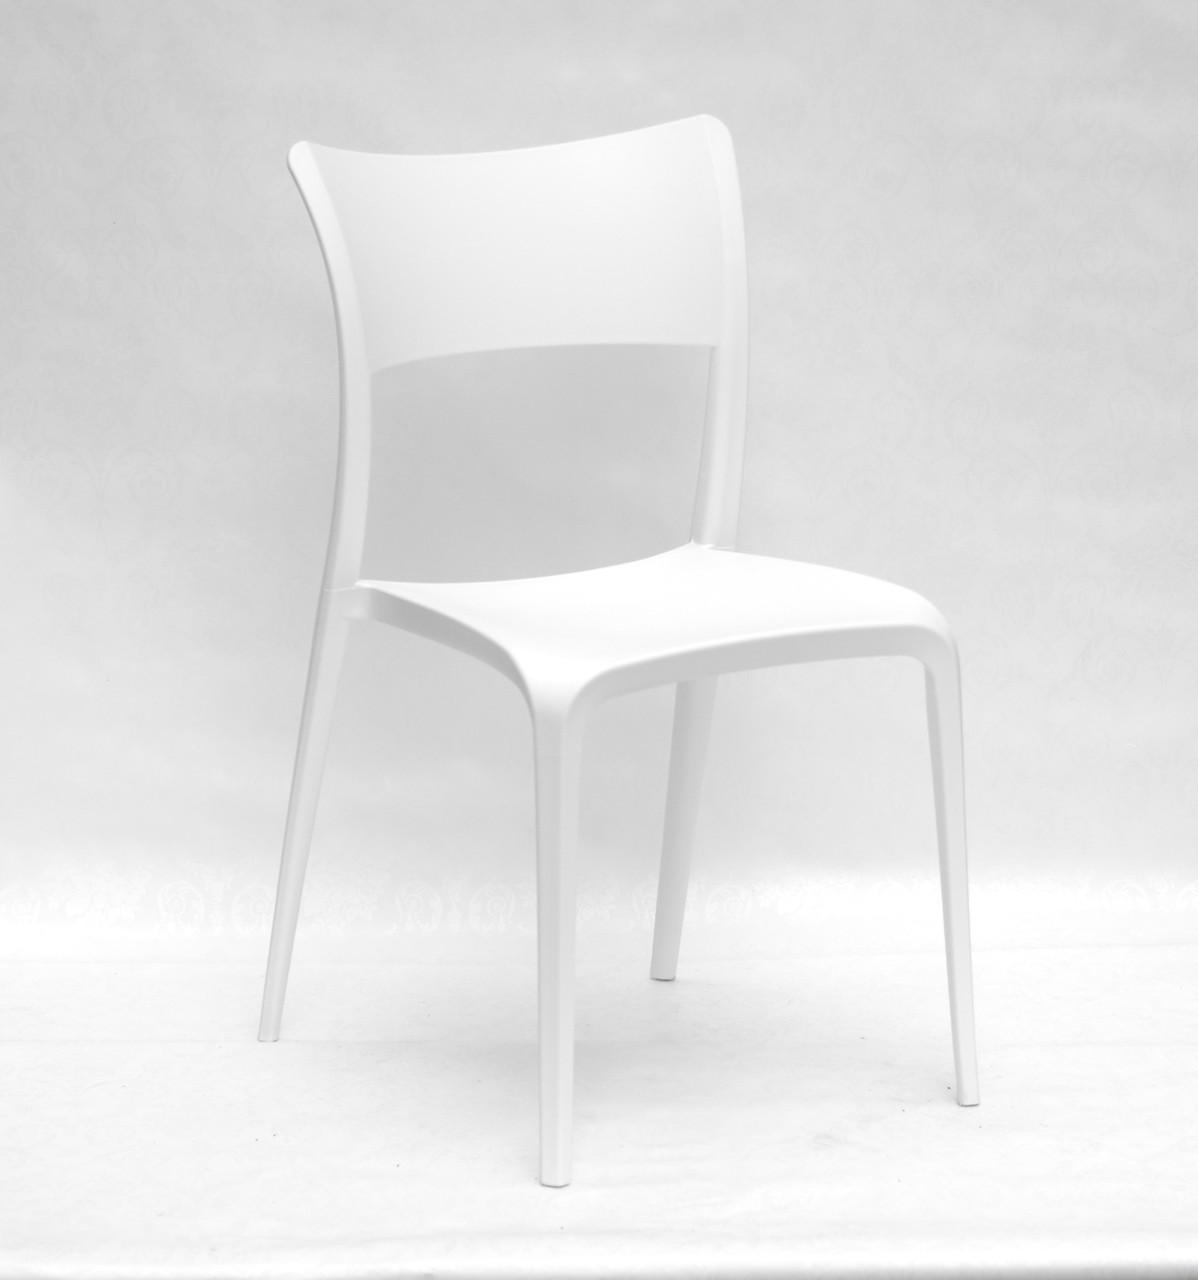 Стул моно-пластик Aster (Астер) белый, штабелируемый